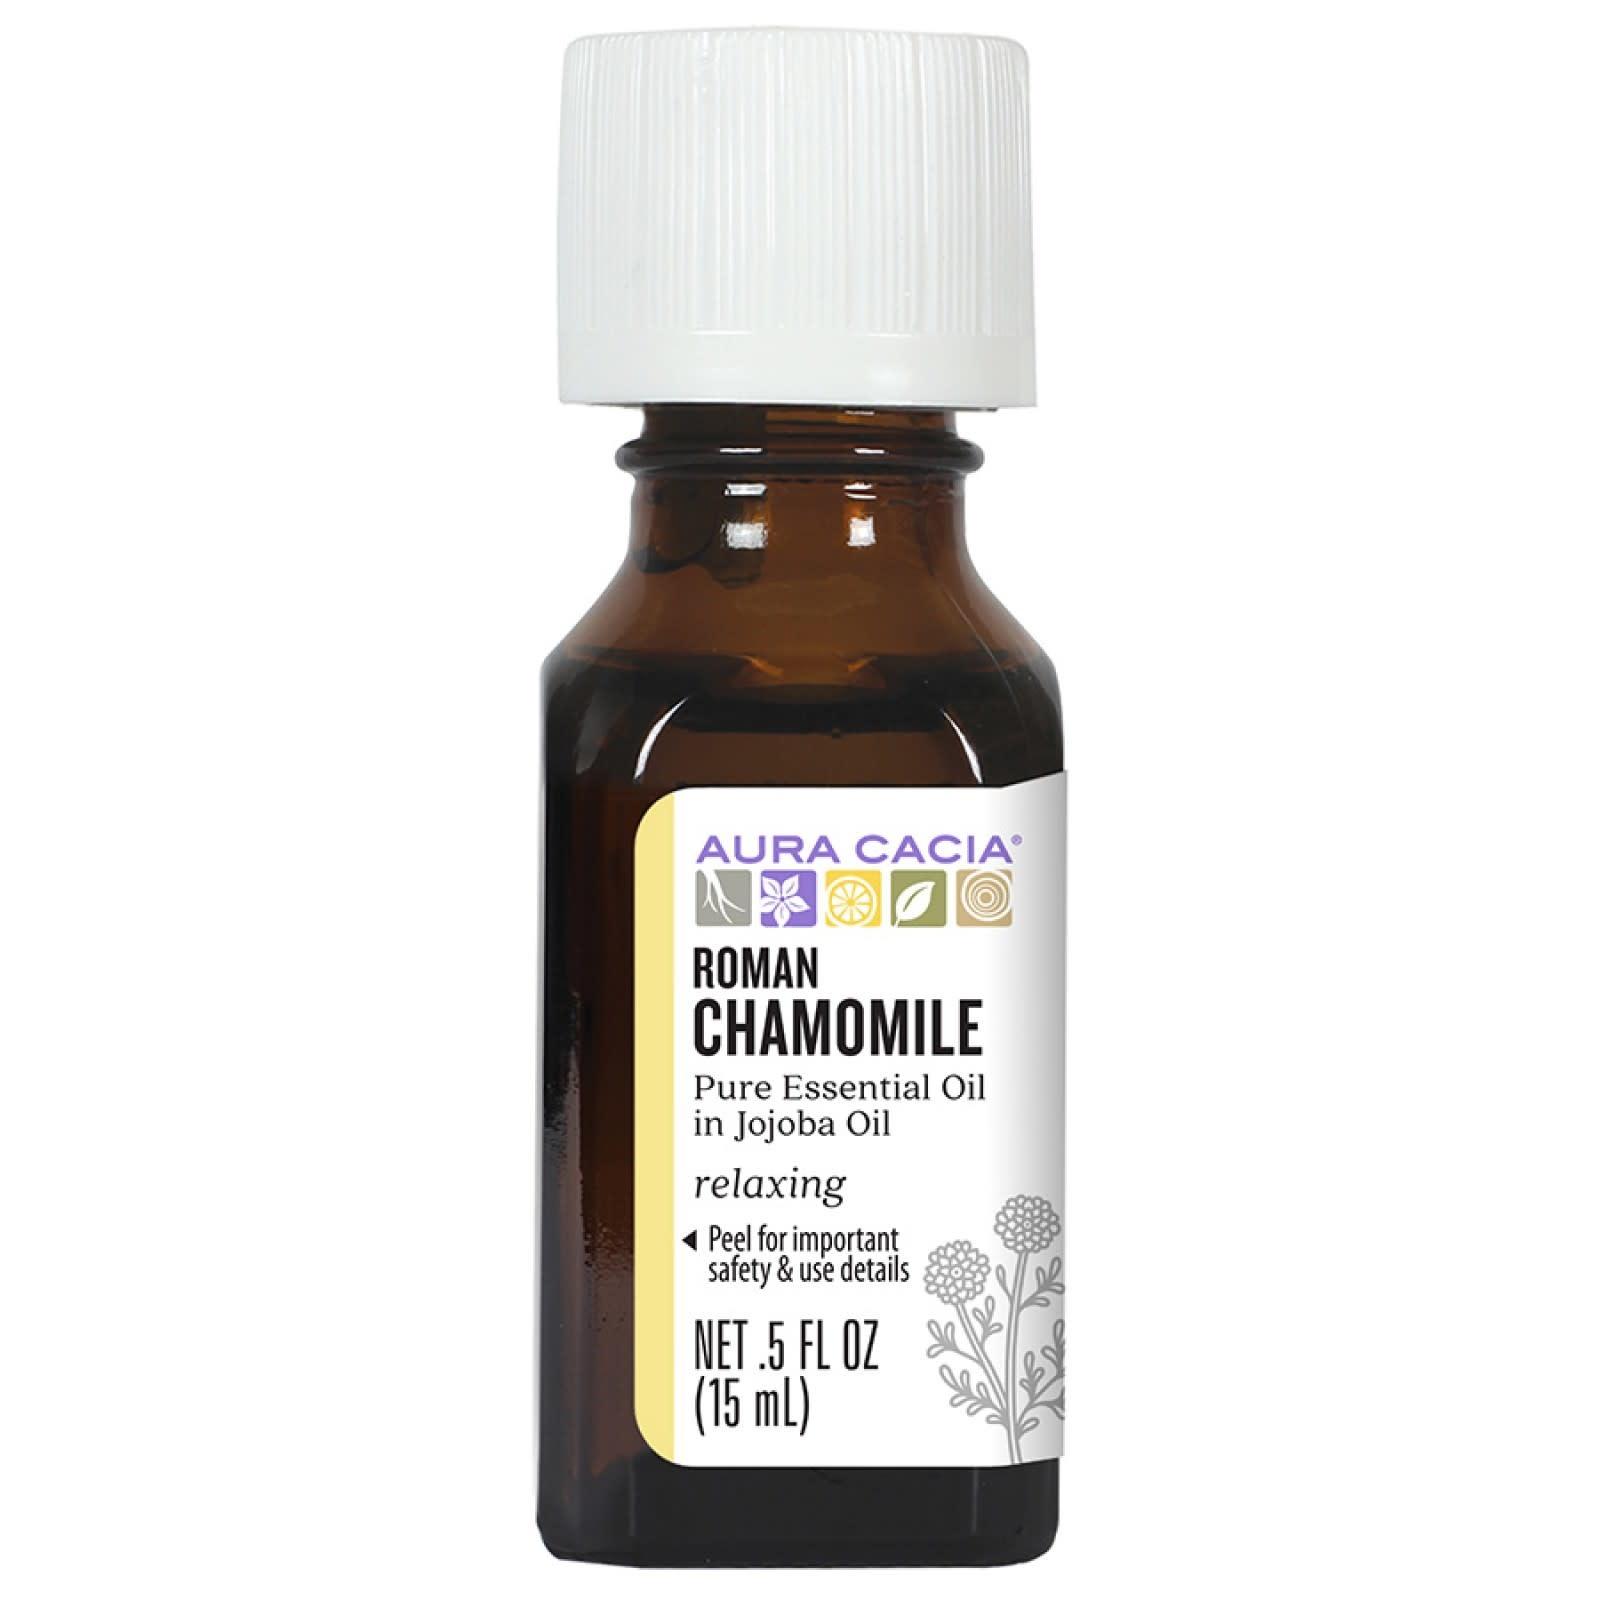 AURA CACIA Roman Chamomile Essential Oil